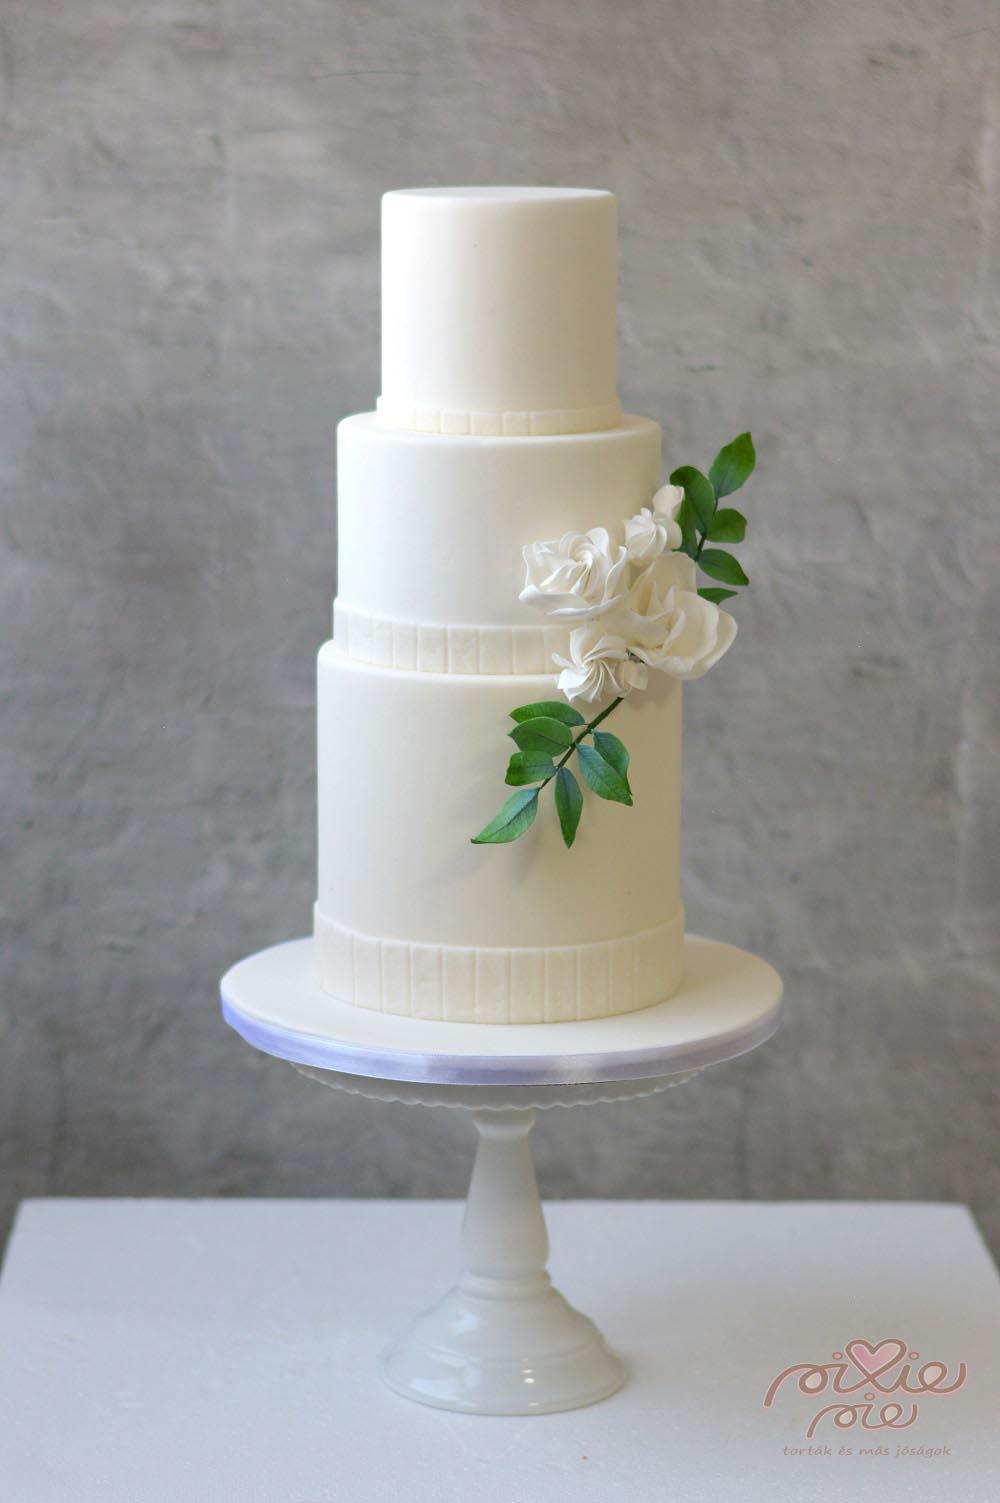 b74e96b1e5 Esküvői torták - PixiePie torta